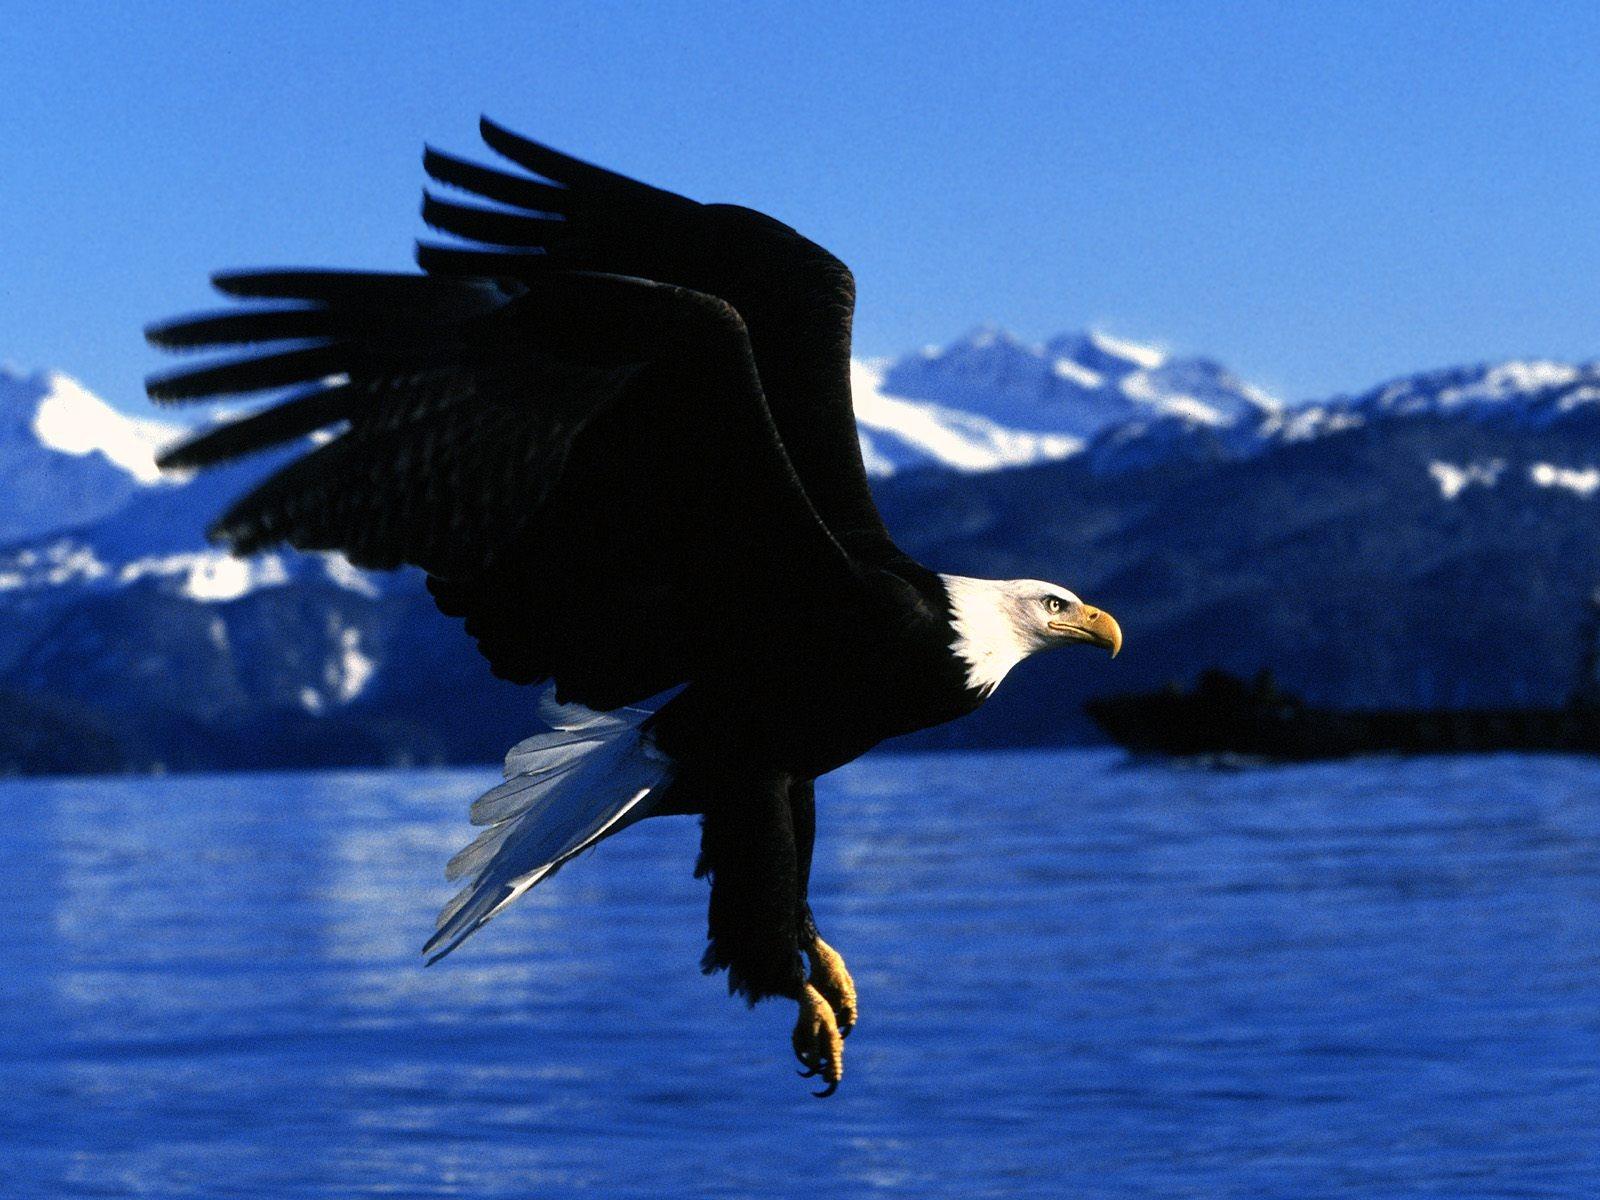 http://3.bp.blogspot.com/-5qJkHJErgoc/T4pf4Ih5F9I/AAAAAAAAB3w/NRo8qYJTkIo/s1600/Eagle+2012+Wallpapers+03.jpg